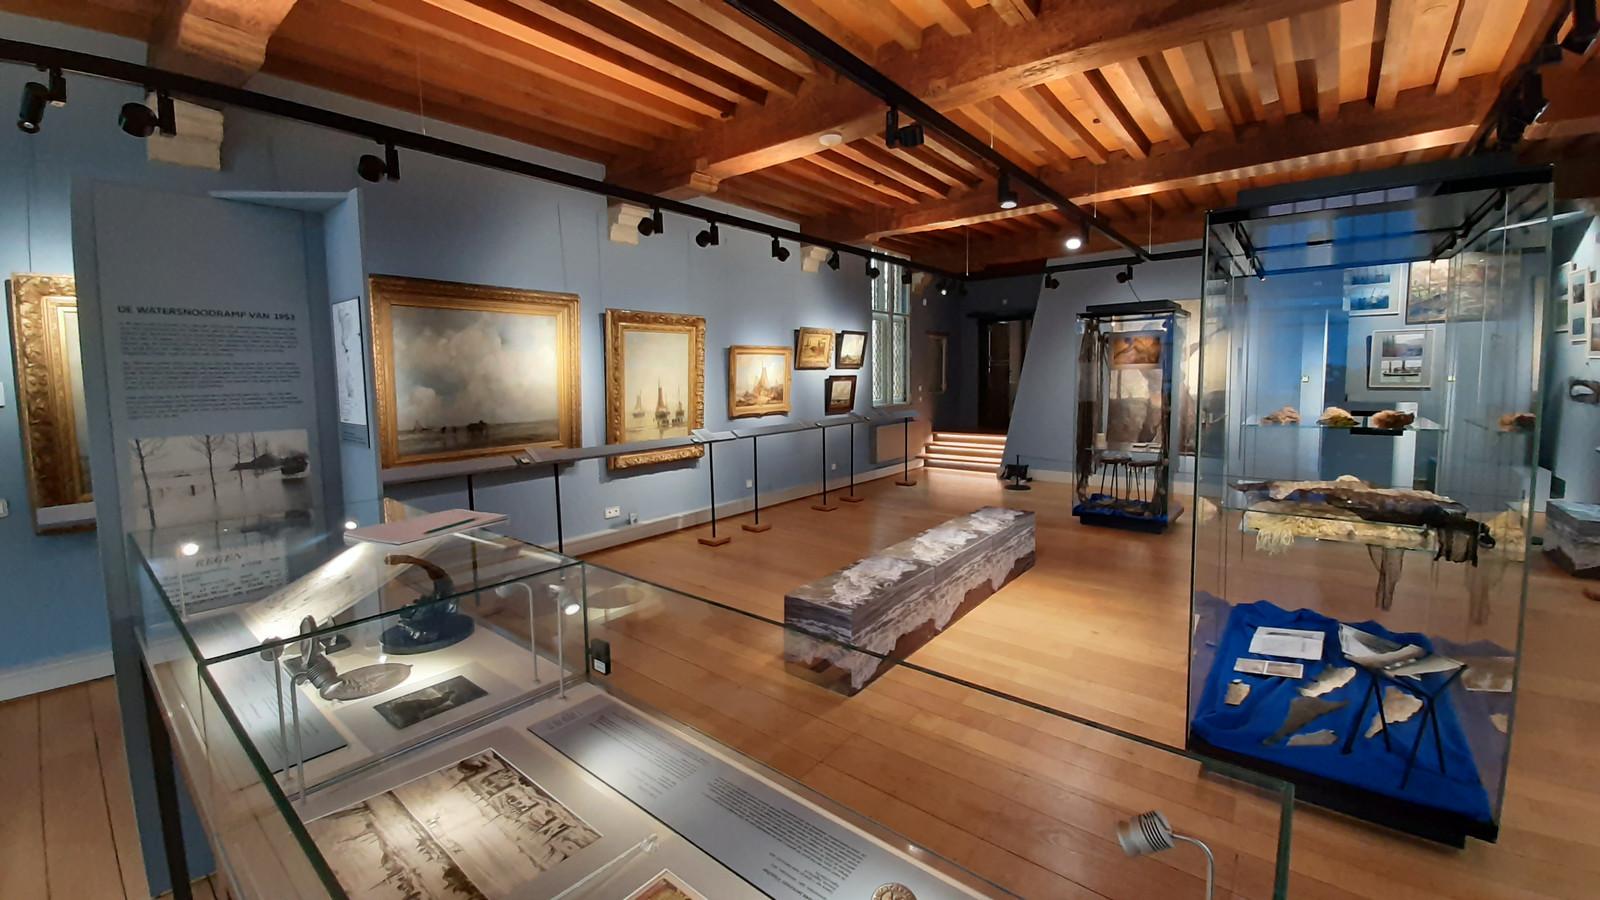 In het Markiezenhof in Bergen op Zoom waren de 40 werken uit het Rijksmuseum binnen de expo Koele Meren slechts drie weken te zien. Maar de waardering is ongekend hoog.